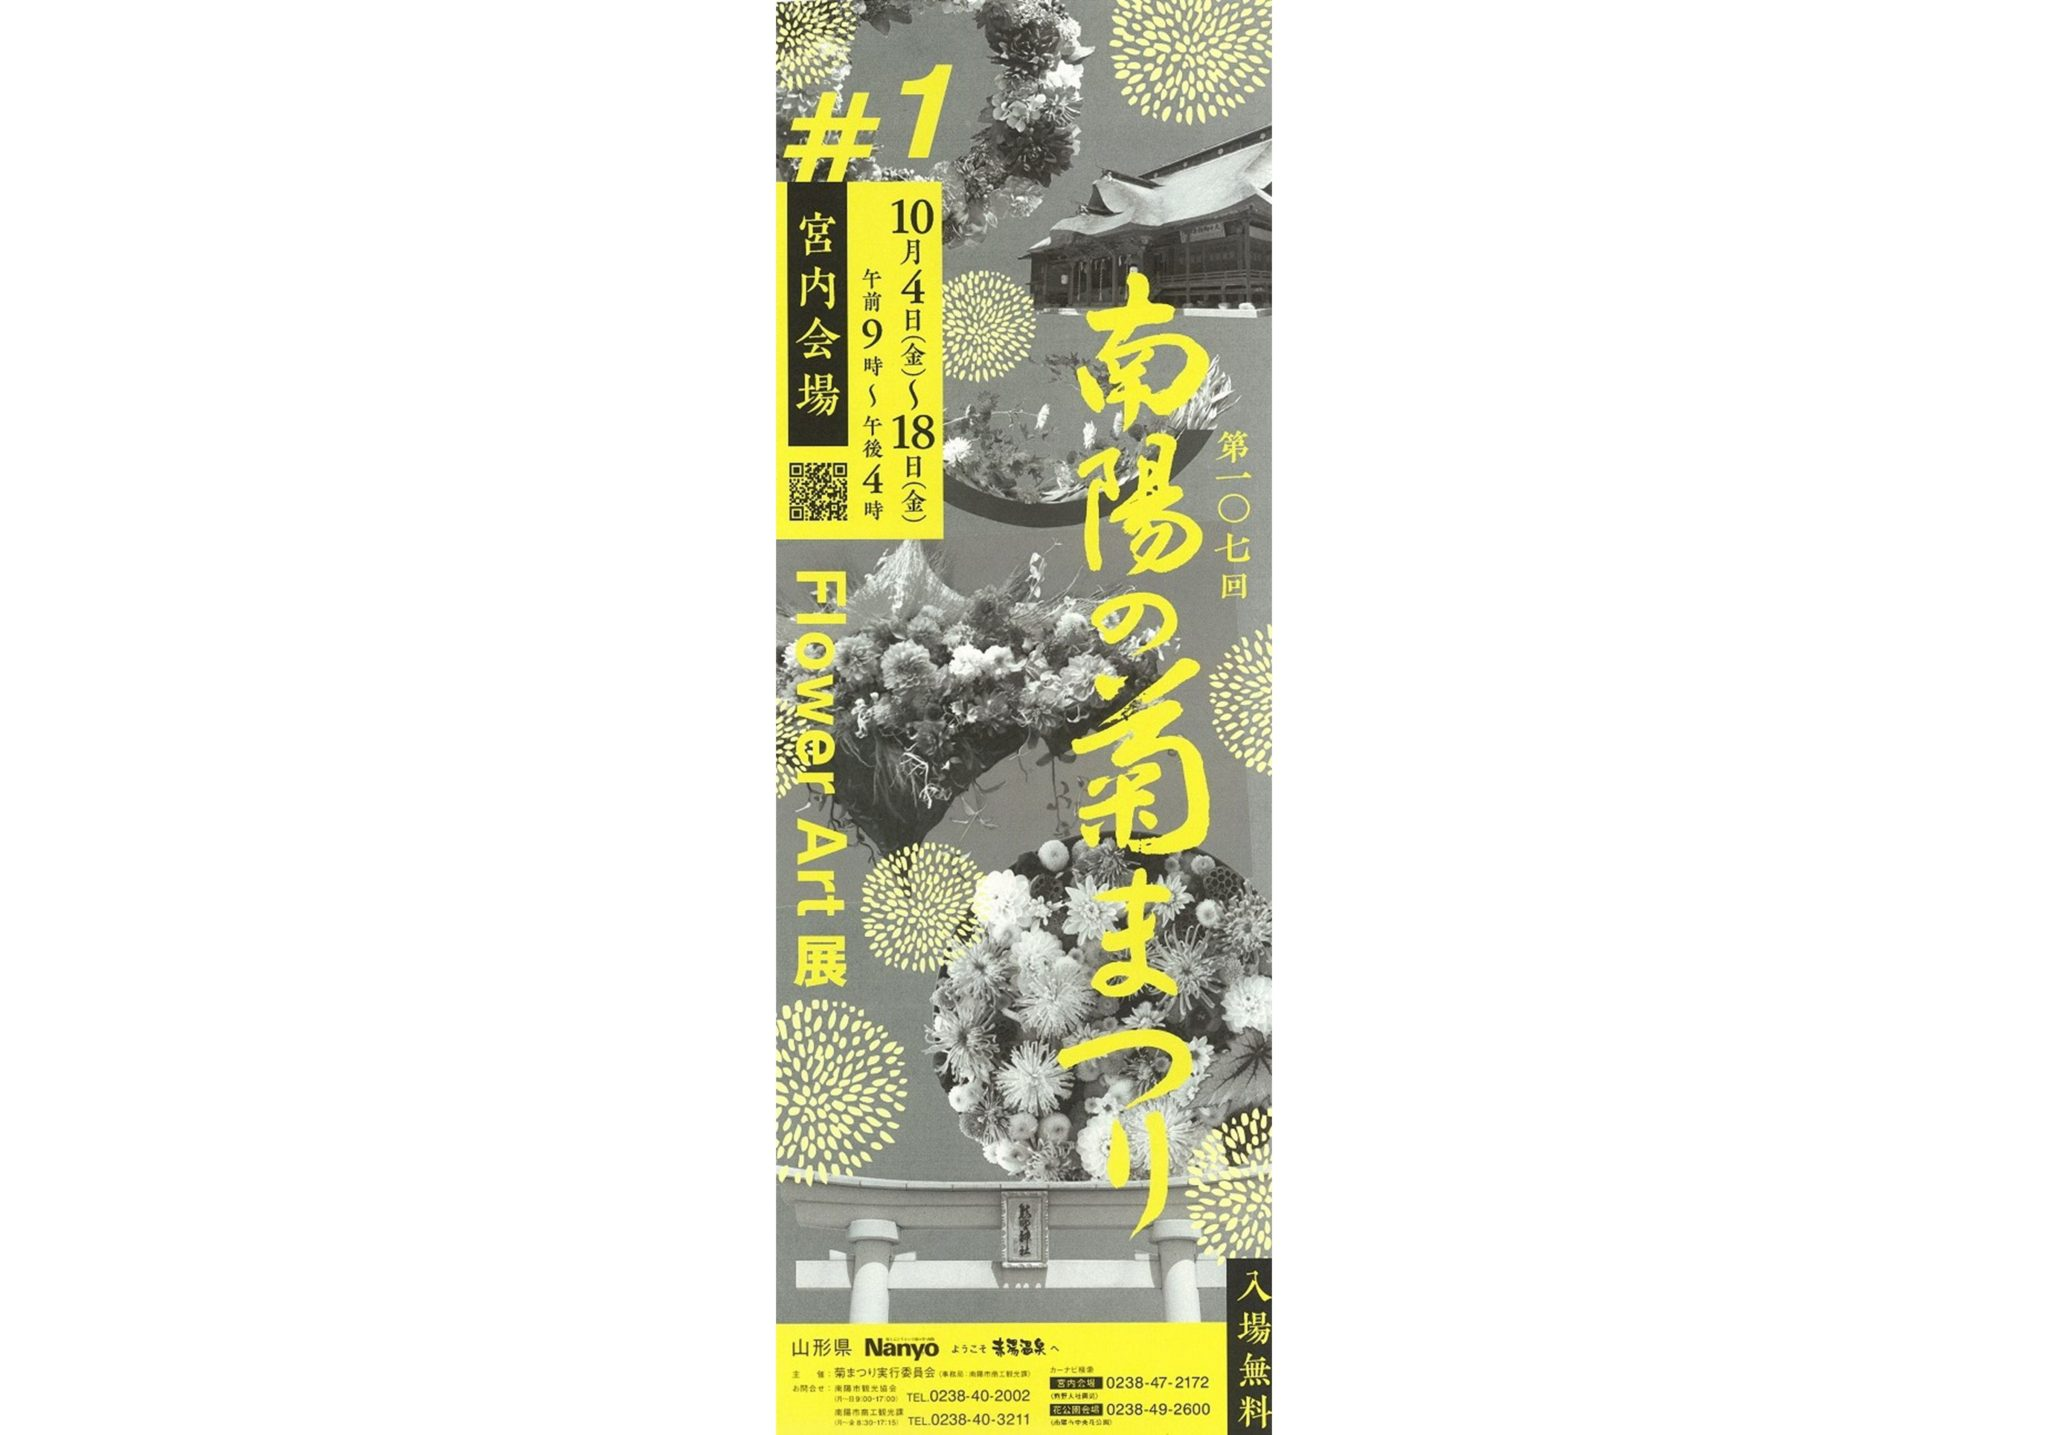 第107回南陽の菊まつり(宮内会場)